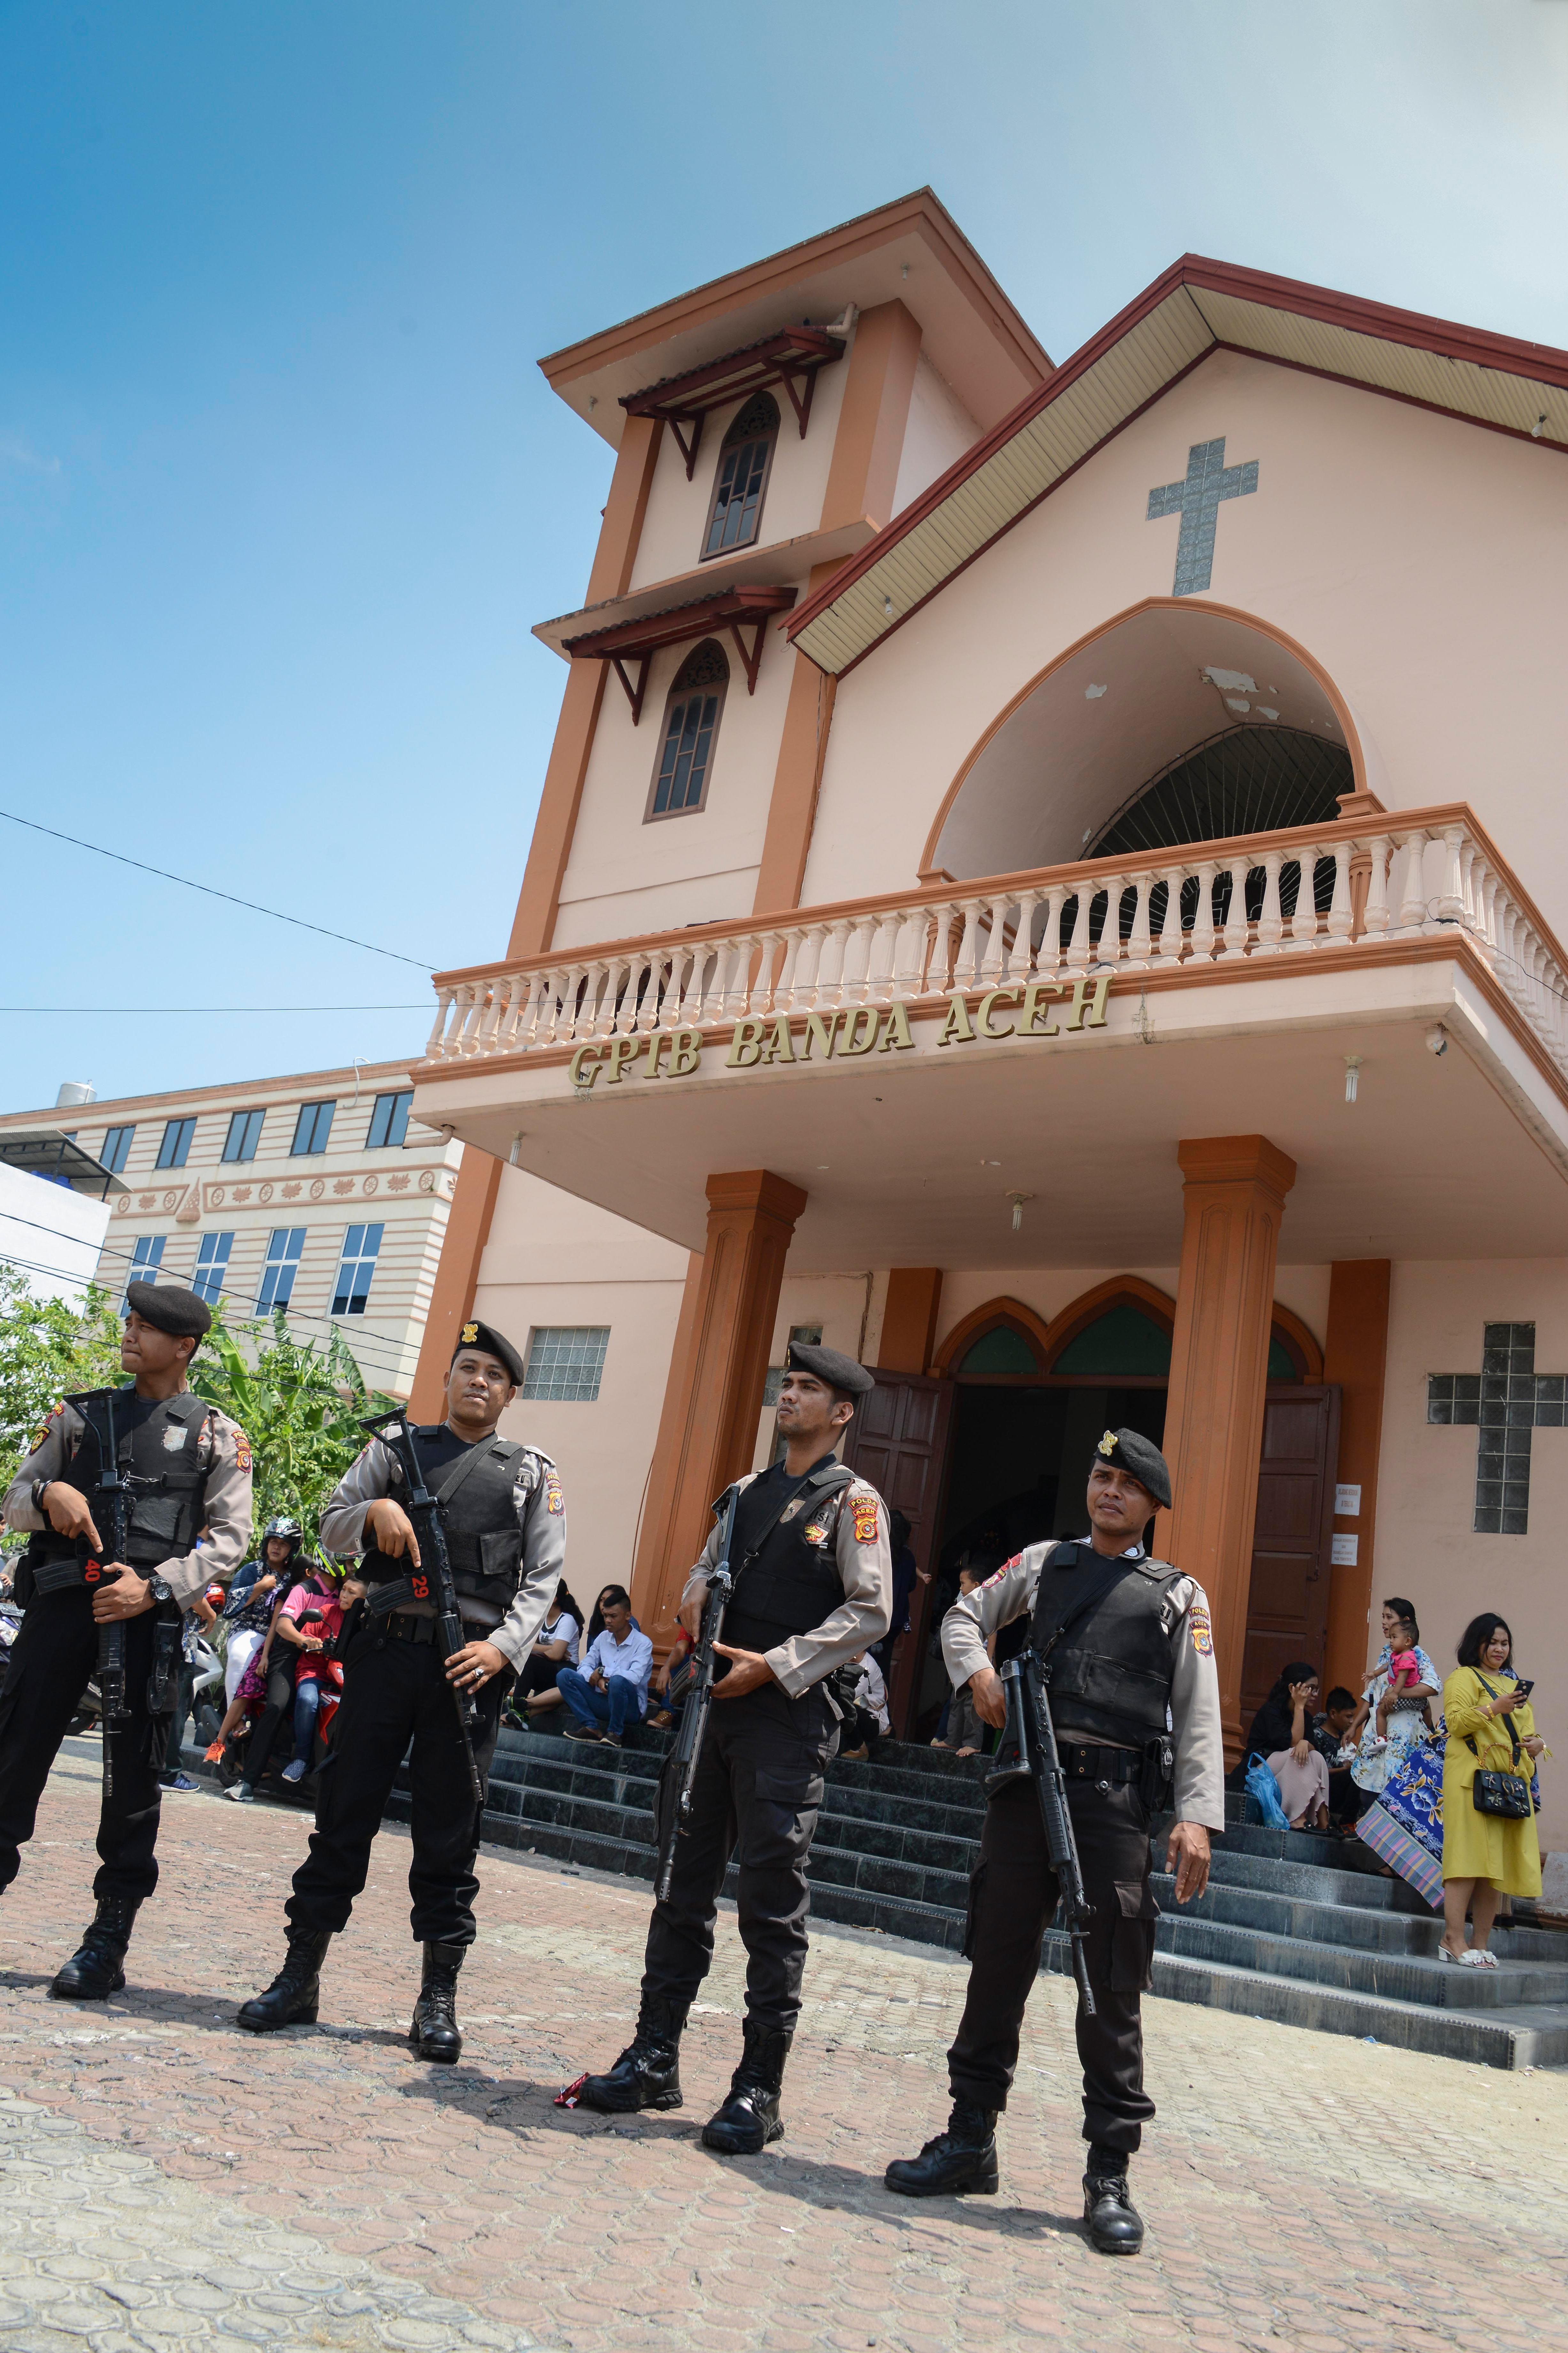 La policía custodia una iglesia cristiana tras los ataques (AFP)